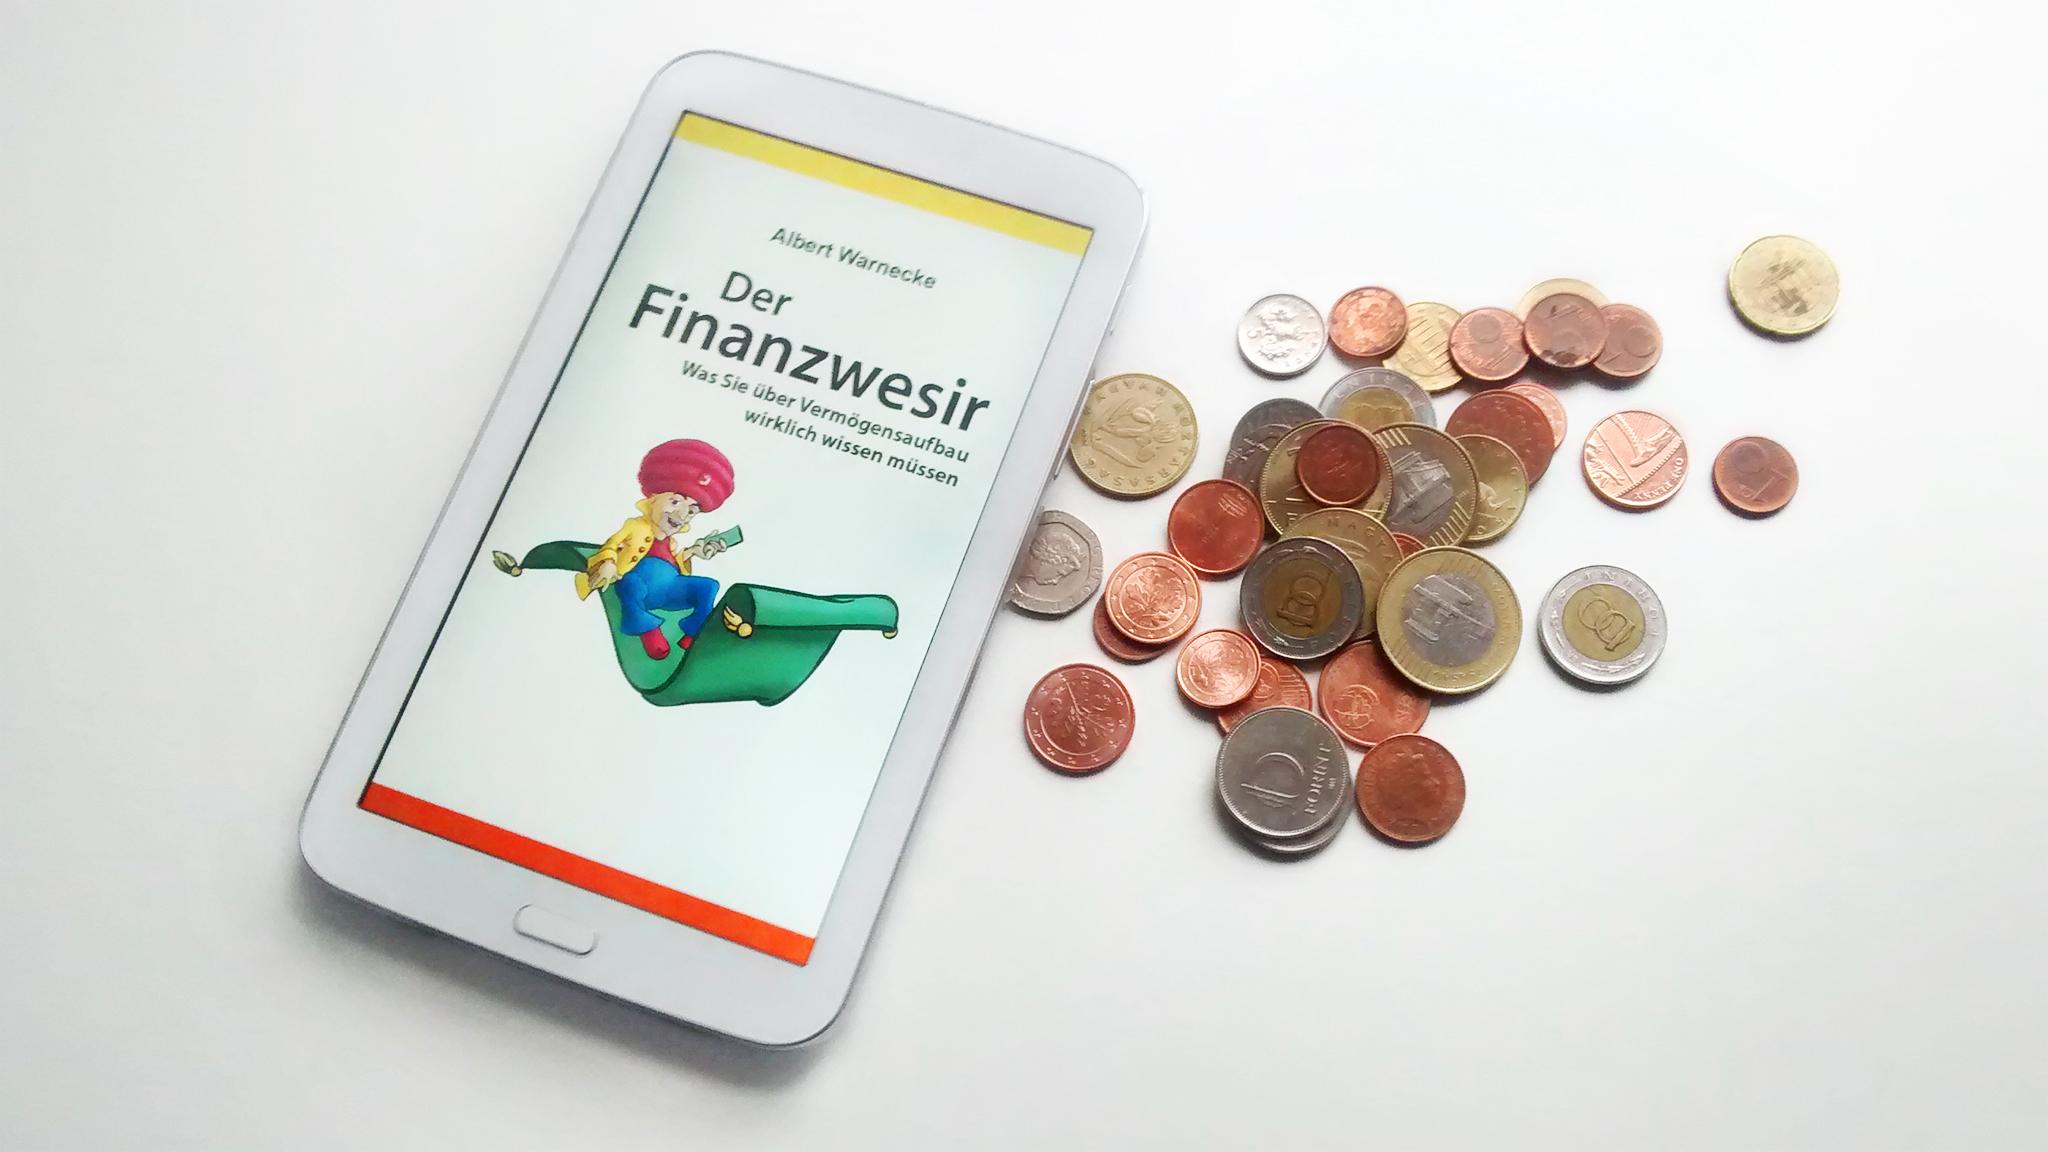 Geld anlegen Anleitung für Ahnungslose Finanzwesir